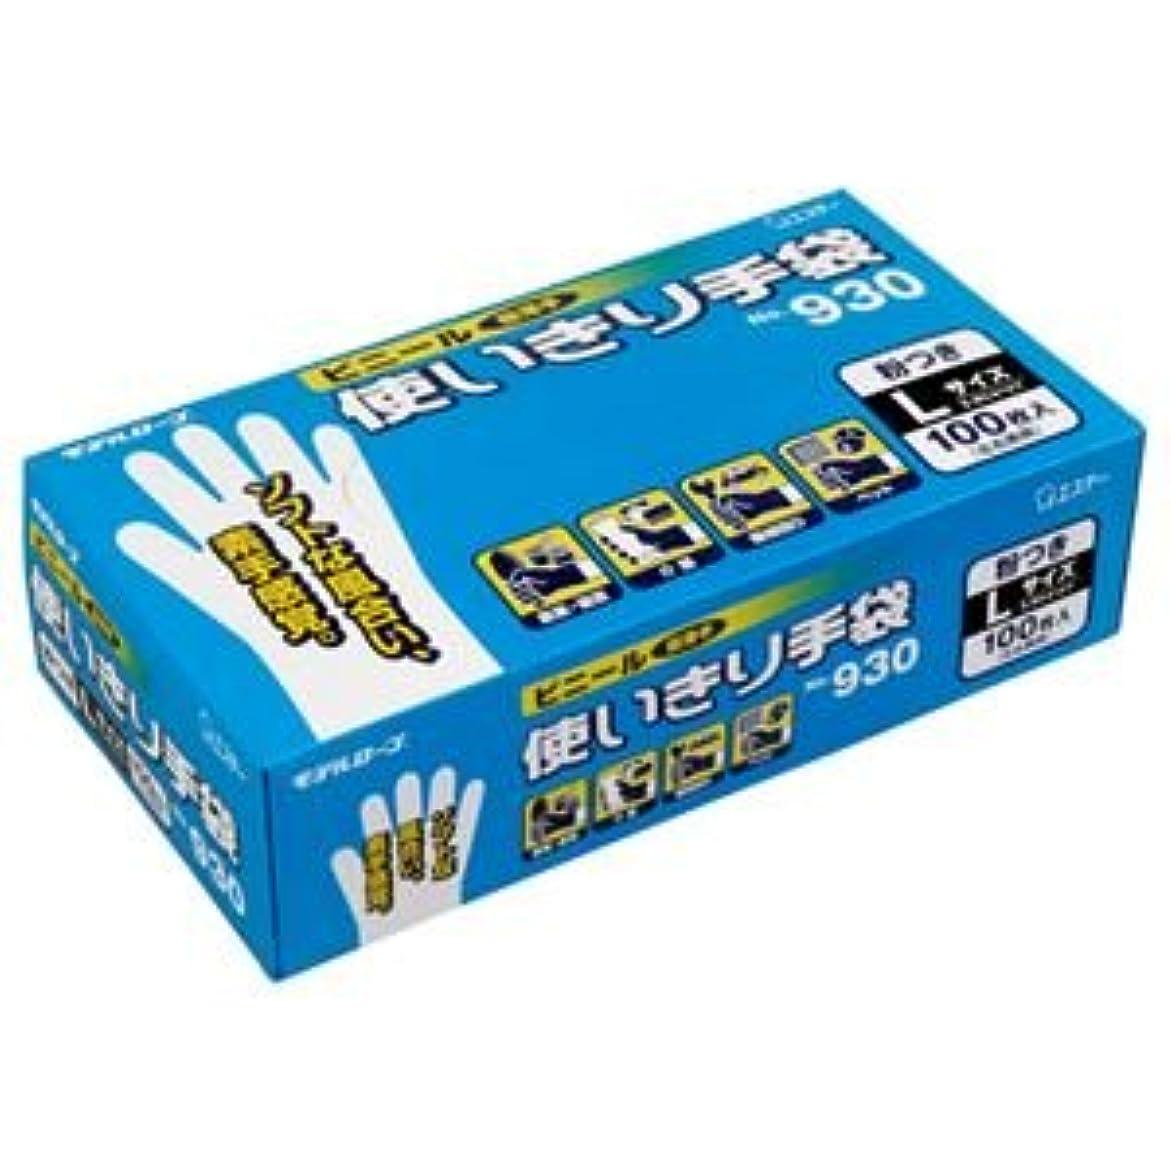 リテラシー用量徴収(まとめ) エステー No.930 ビニール使いきり手袋(粉付) L 1箱(100枚) 【×5セット】 ds-1580596